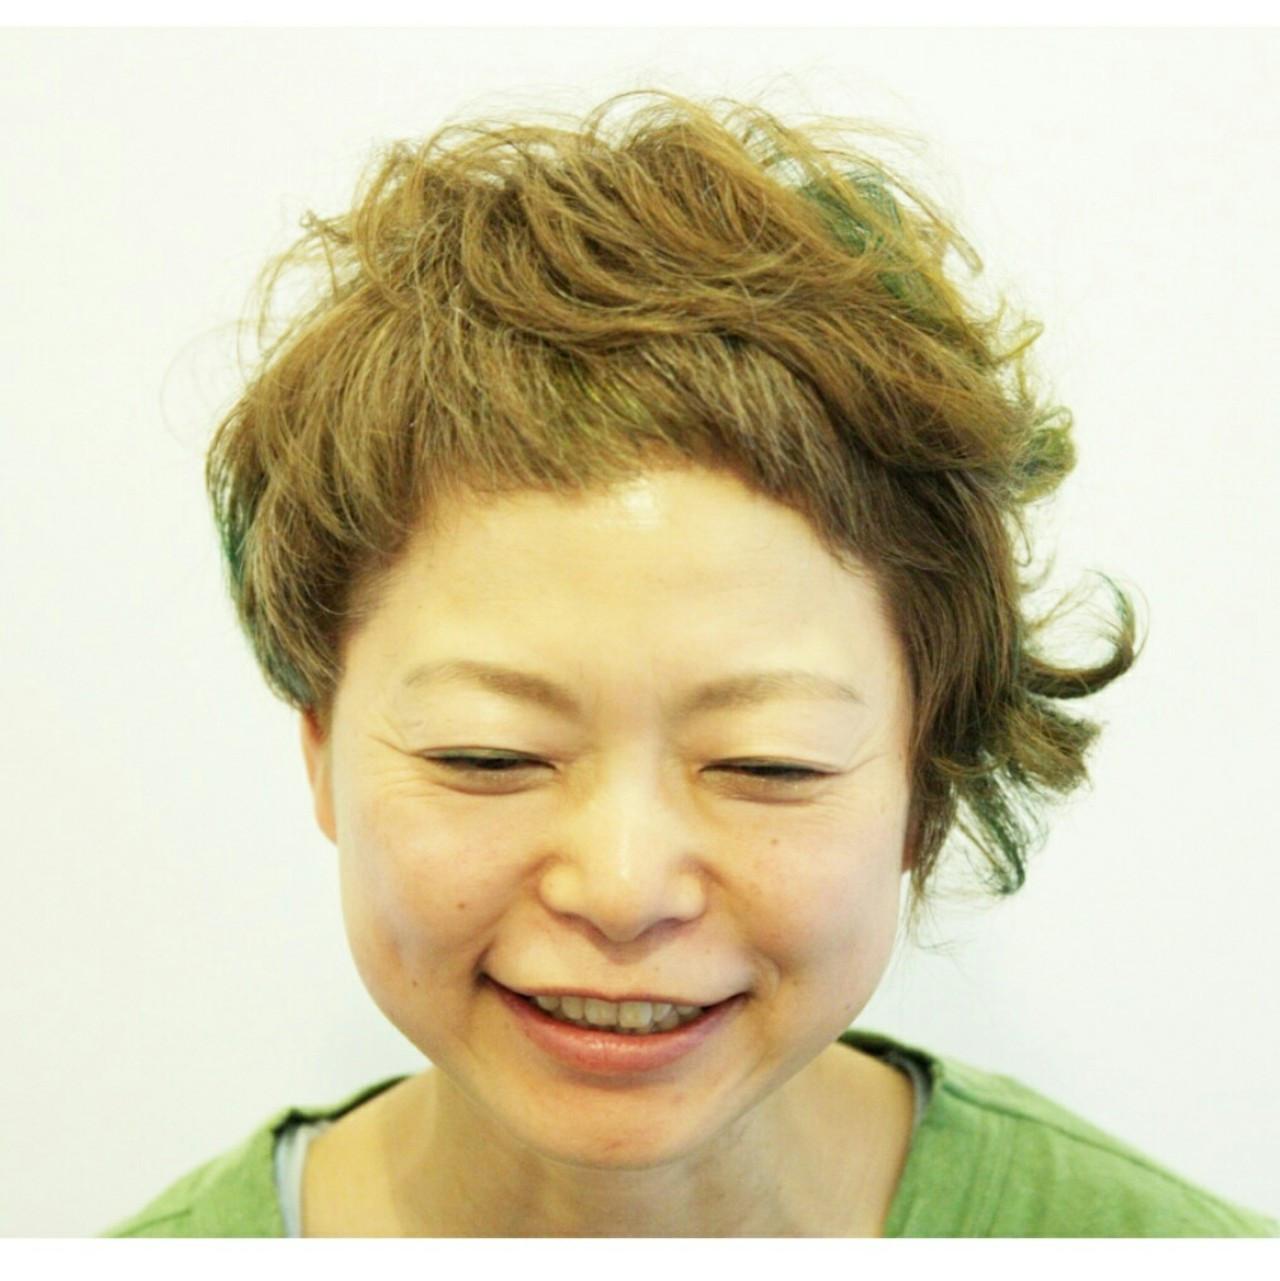 マッシュ ショート モード ゆるふわ ヘアスタイルや髪型の写真・画像